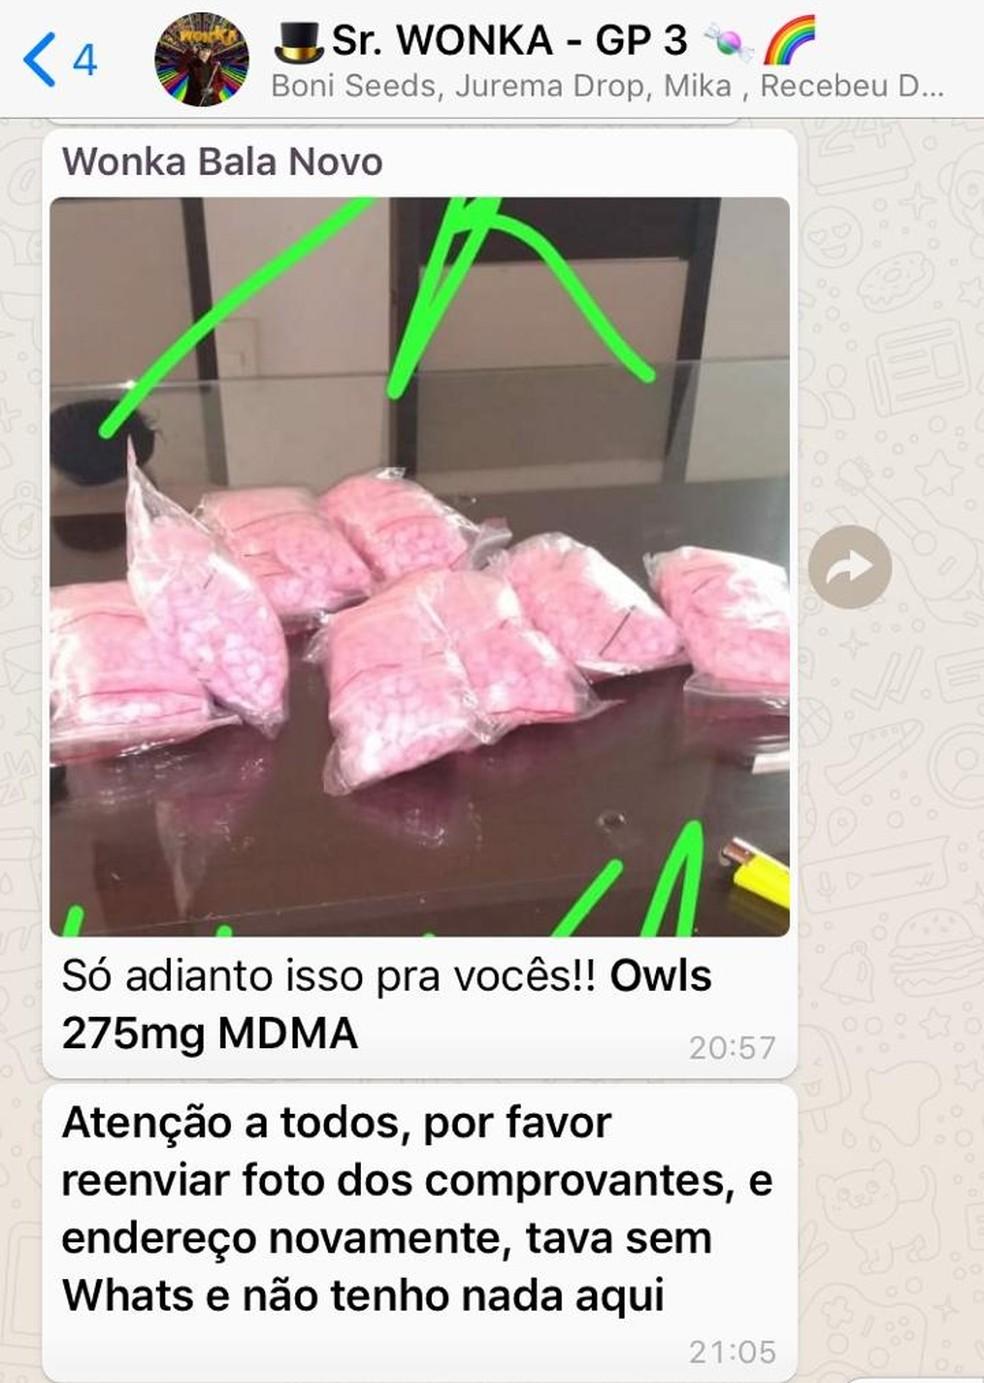 """Traficante conhecido como """"Sr. Wonka"""" mantinha grupos no WhatsApp para venda de drogas — Foto: Reprodução"""